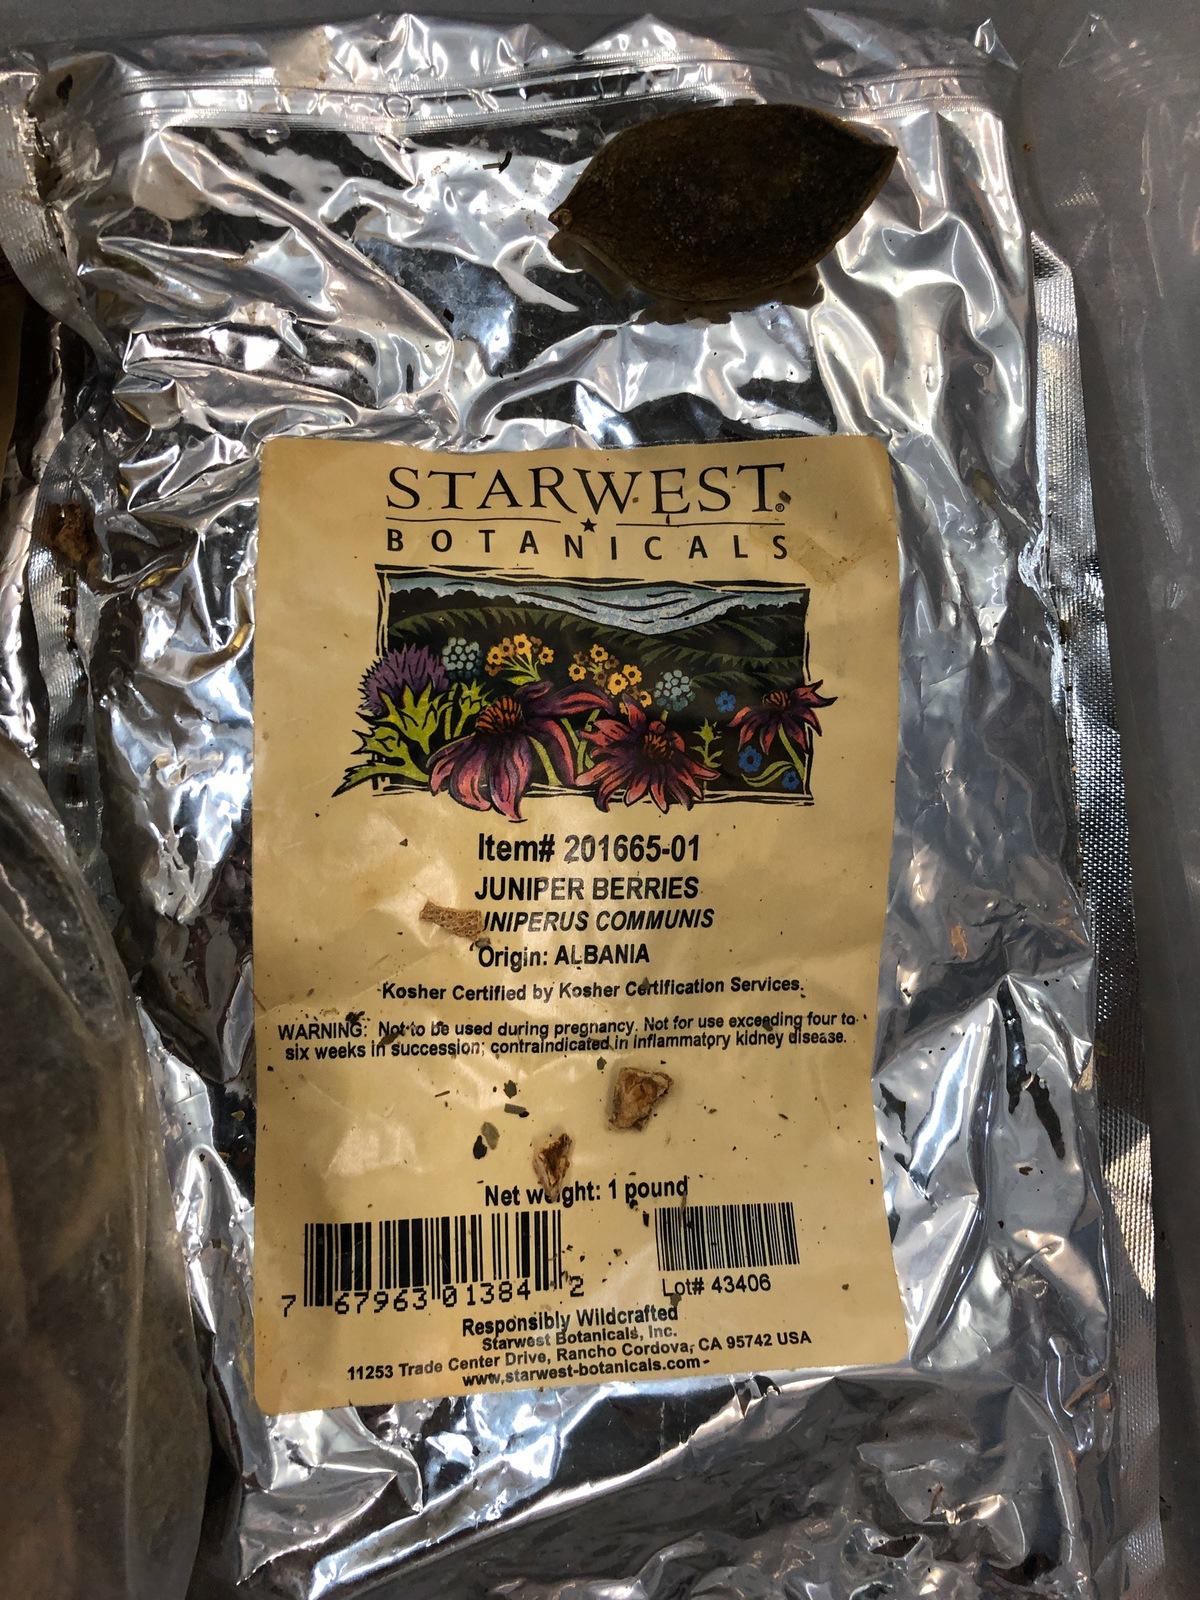 Lot of Herbs and Botanicals: Lemon Peel, Juniper Berries, Orange Peel, Orris Ro   Rig Fee: $20 or HC - Image 12 of 14